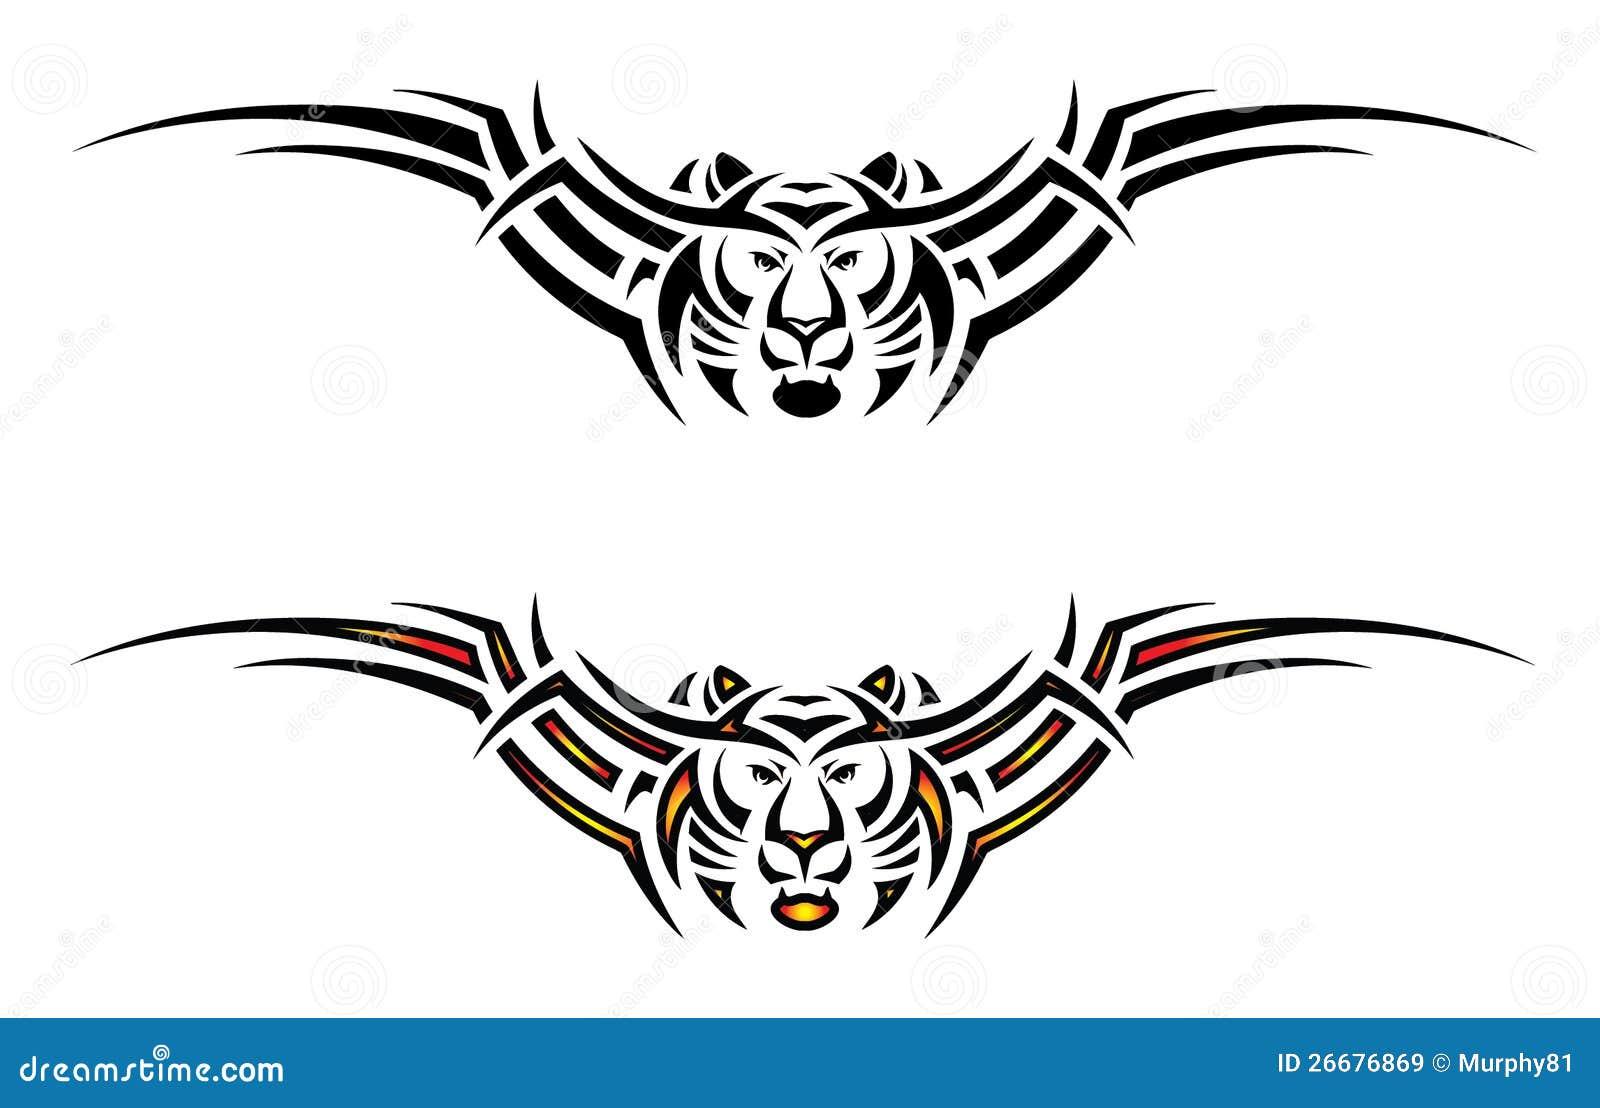 Tatouage tribal d 39 isolement de tigre images libres de droits image 26676869 - Image de tatouage ...